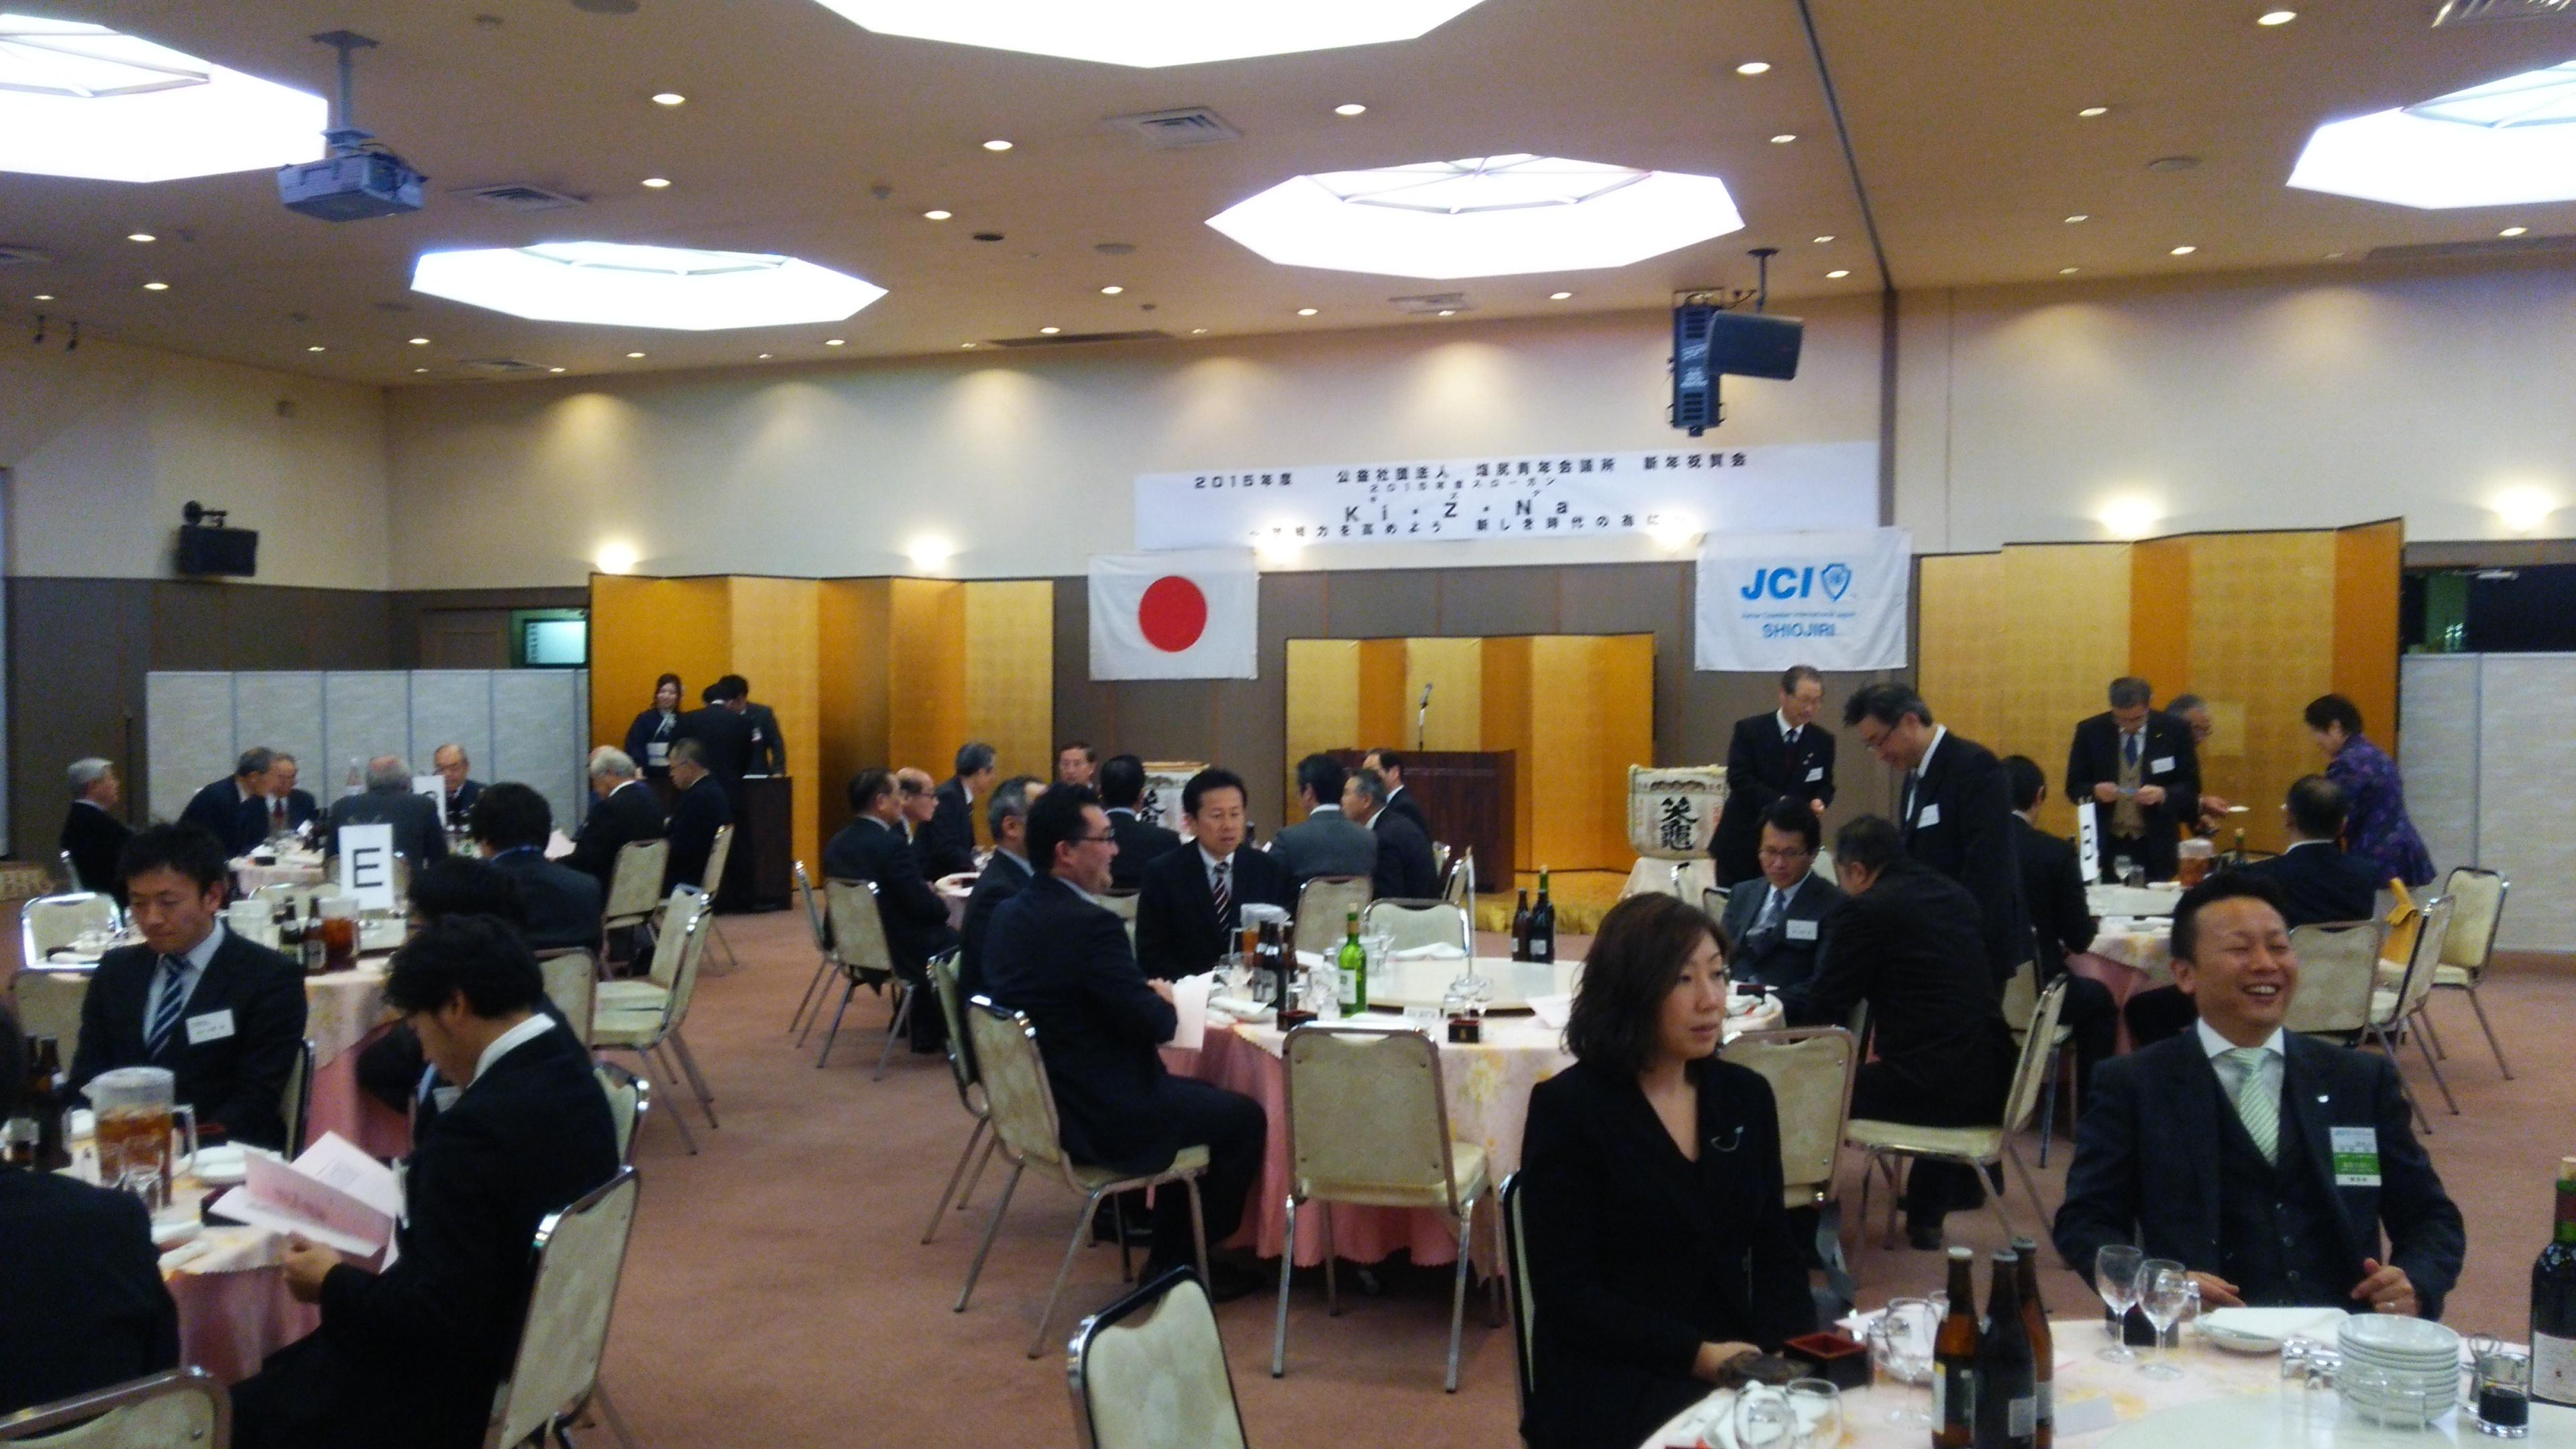 塩尻青年会議所新年祝賀会に参加しました。